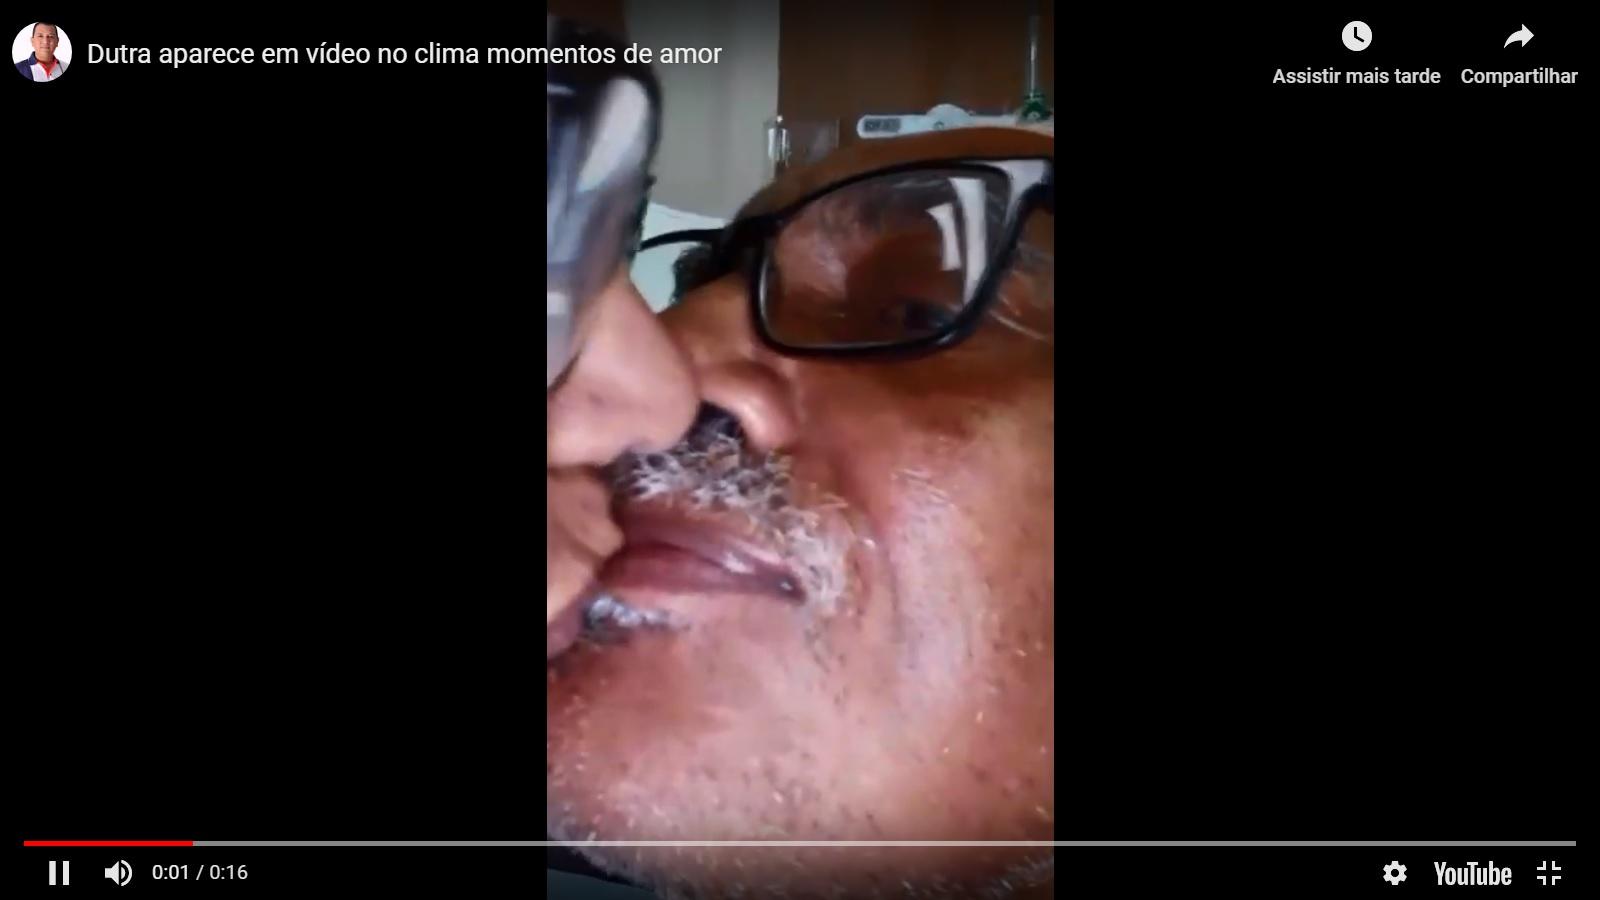 Paço do Lumiar: Núbia Dutra divulga (novo) vídeo aos beijos com Domingos Dutra